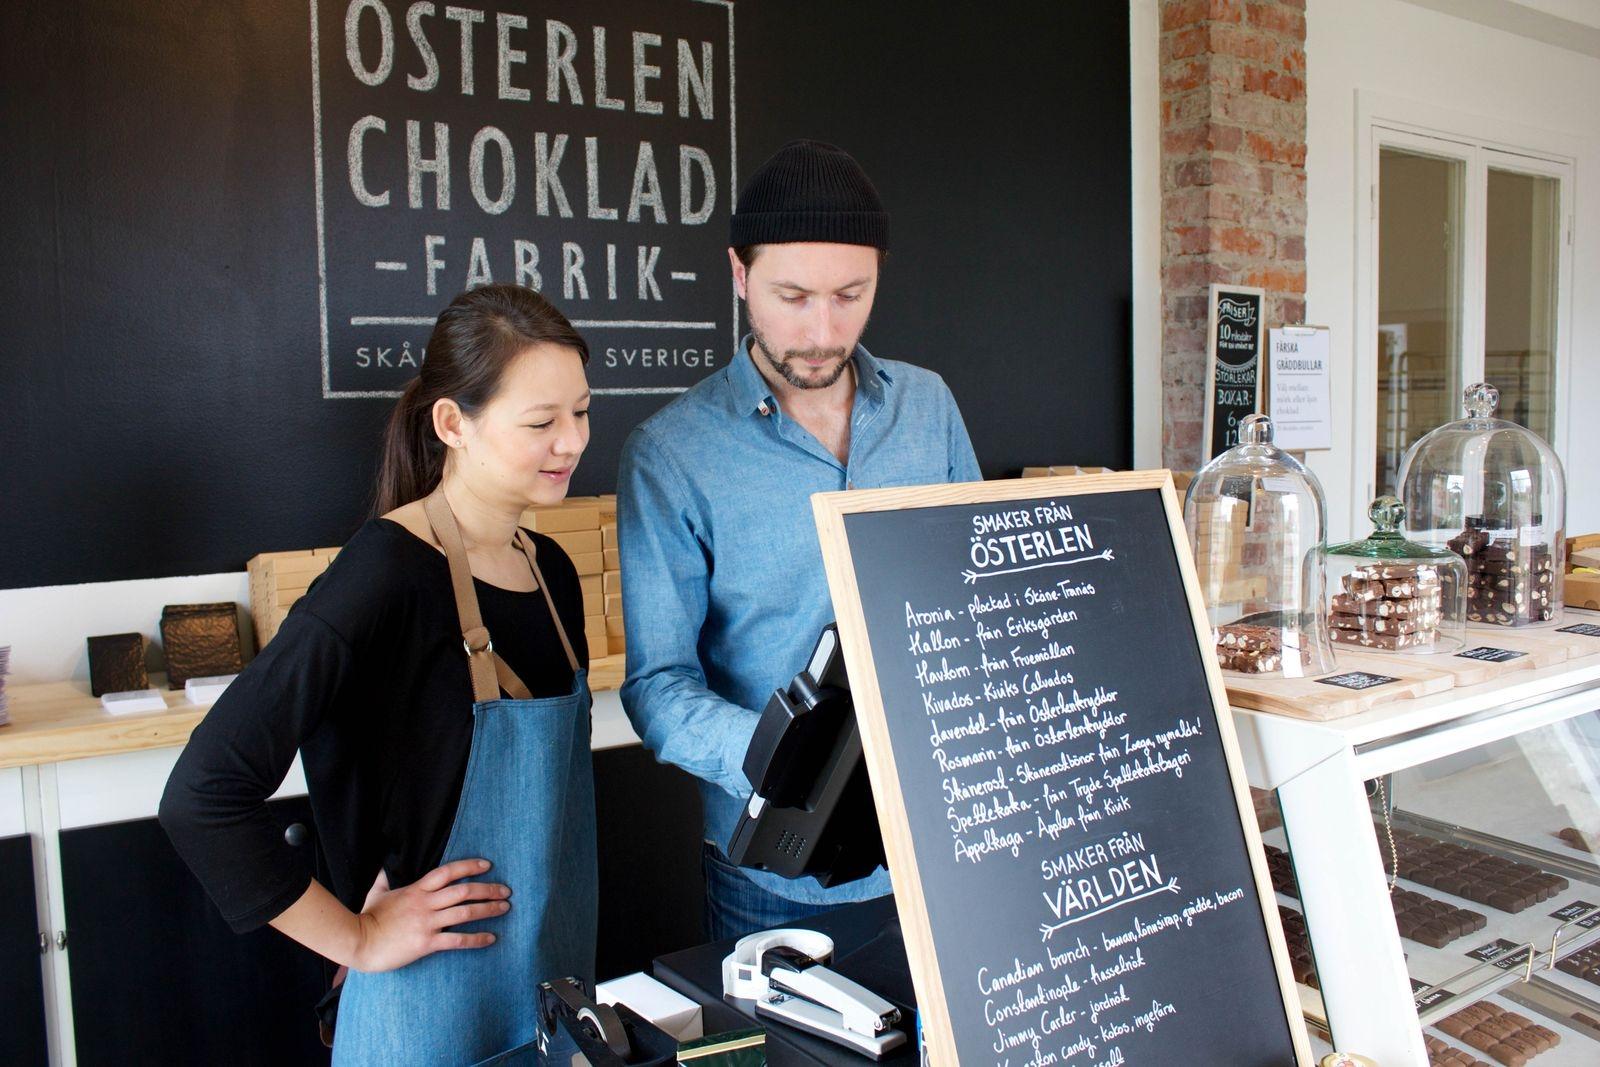 Chokladfabriken i Skåne Tranås är öppen onsdag - fredag klockan 11-17, lördag och söndag klockan 10-15.